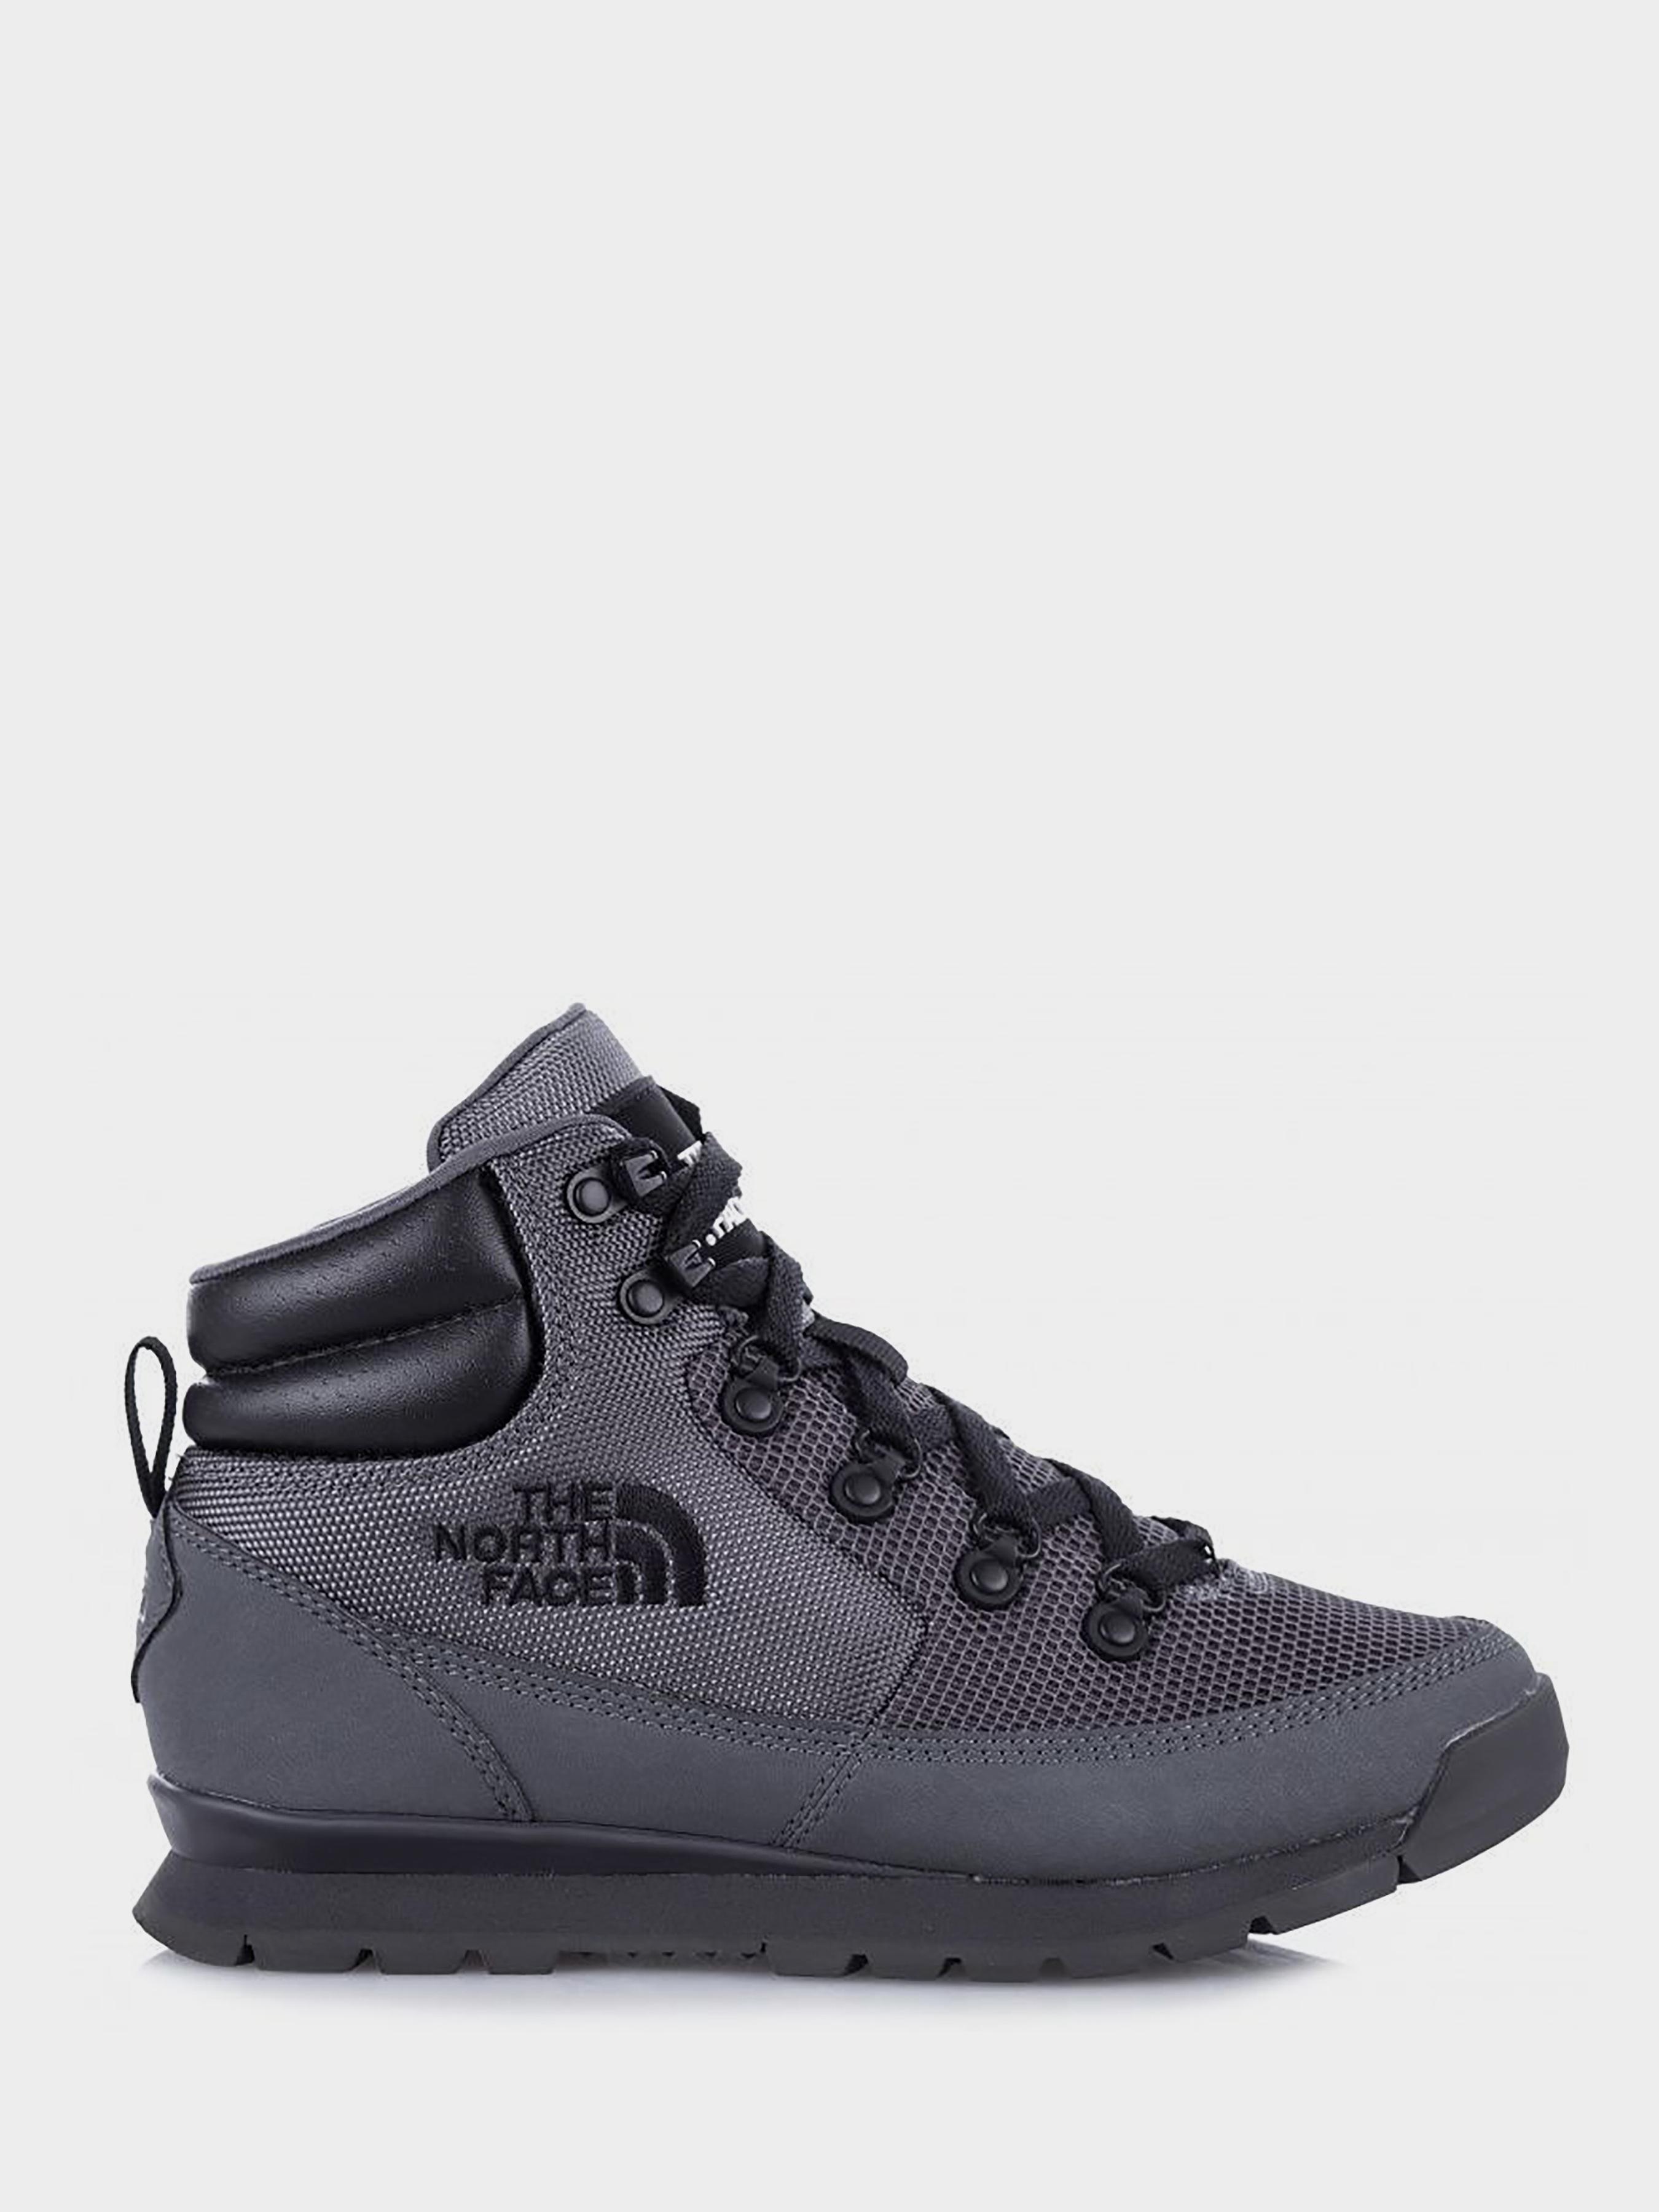 Ботинки женские The North Face модель NO9722 - купить по лучшей цене ... efa4ca13dfa